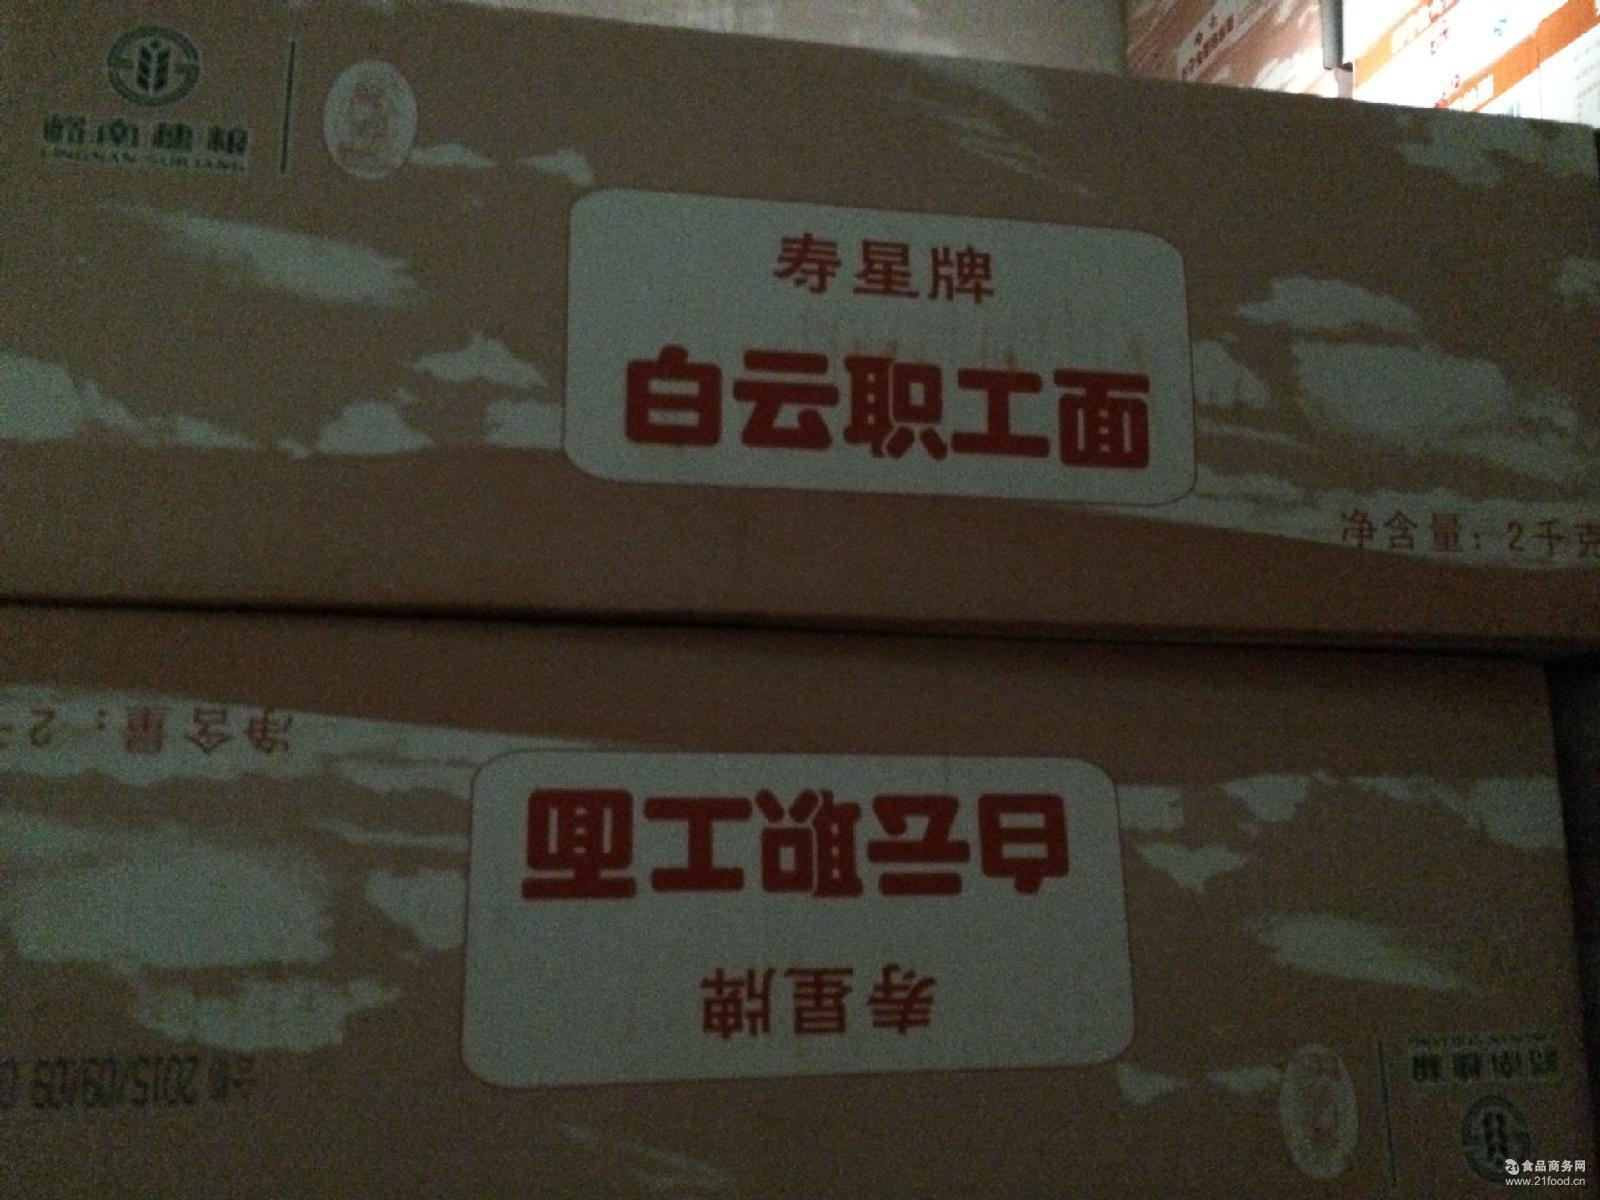 供应 寿星牌白云职工面 2kg